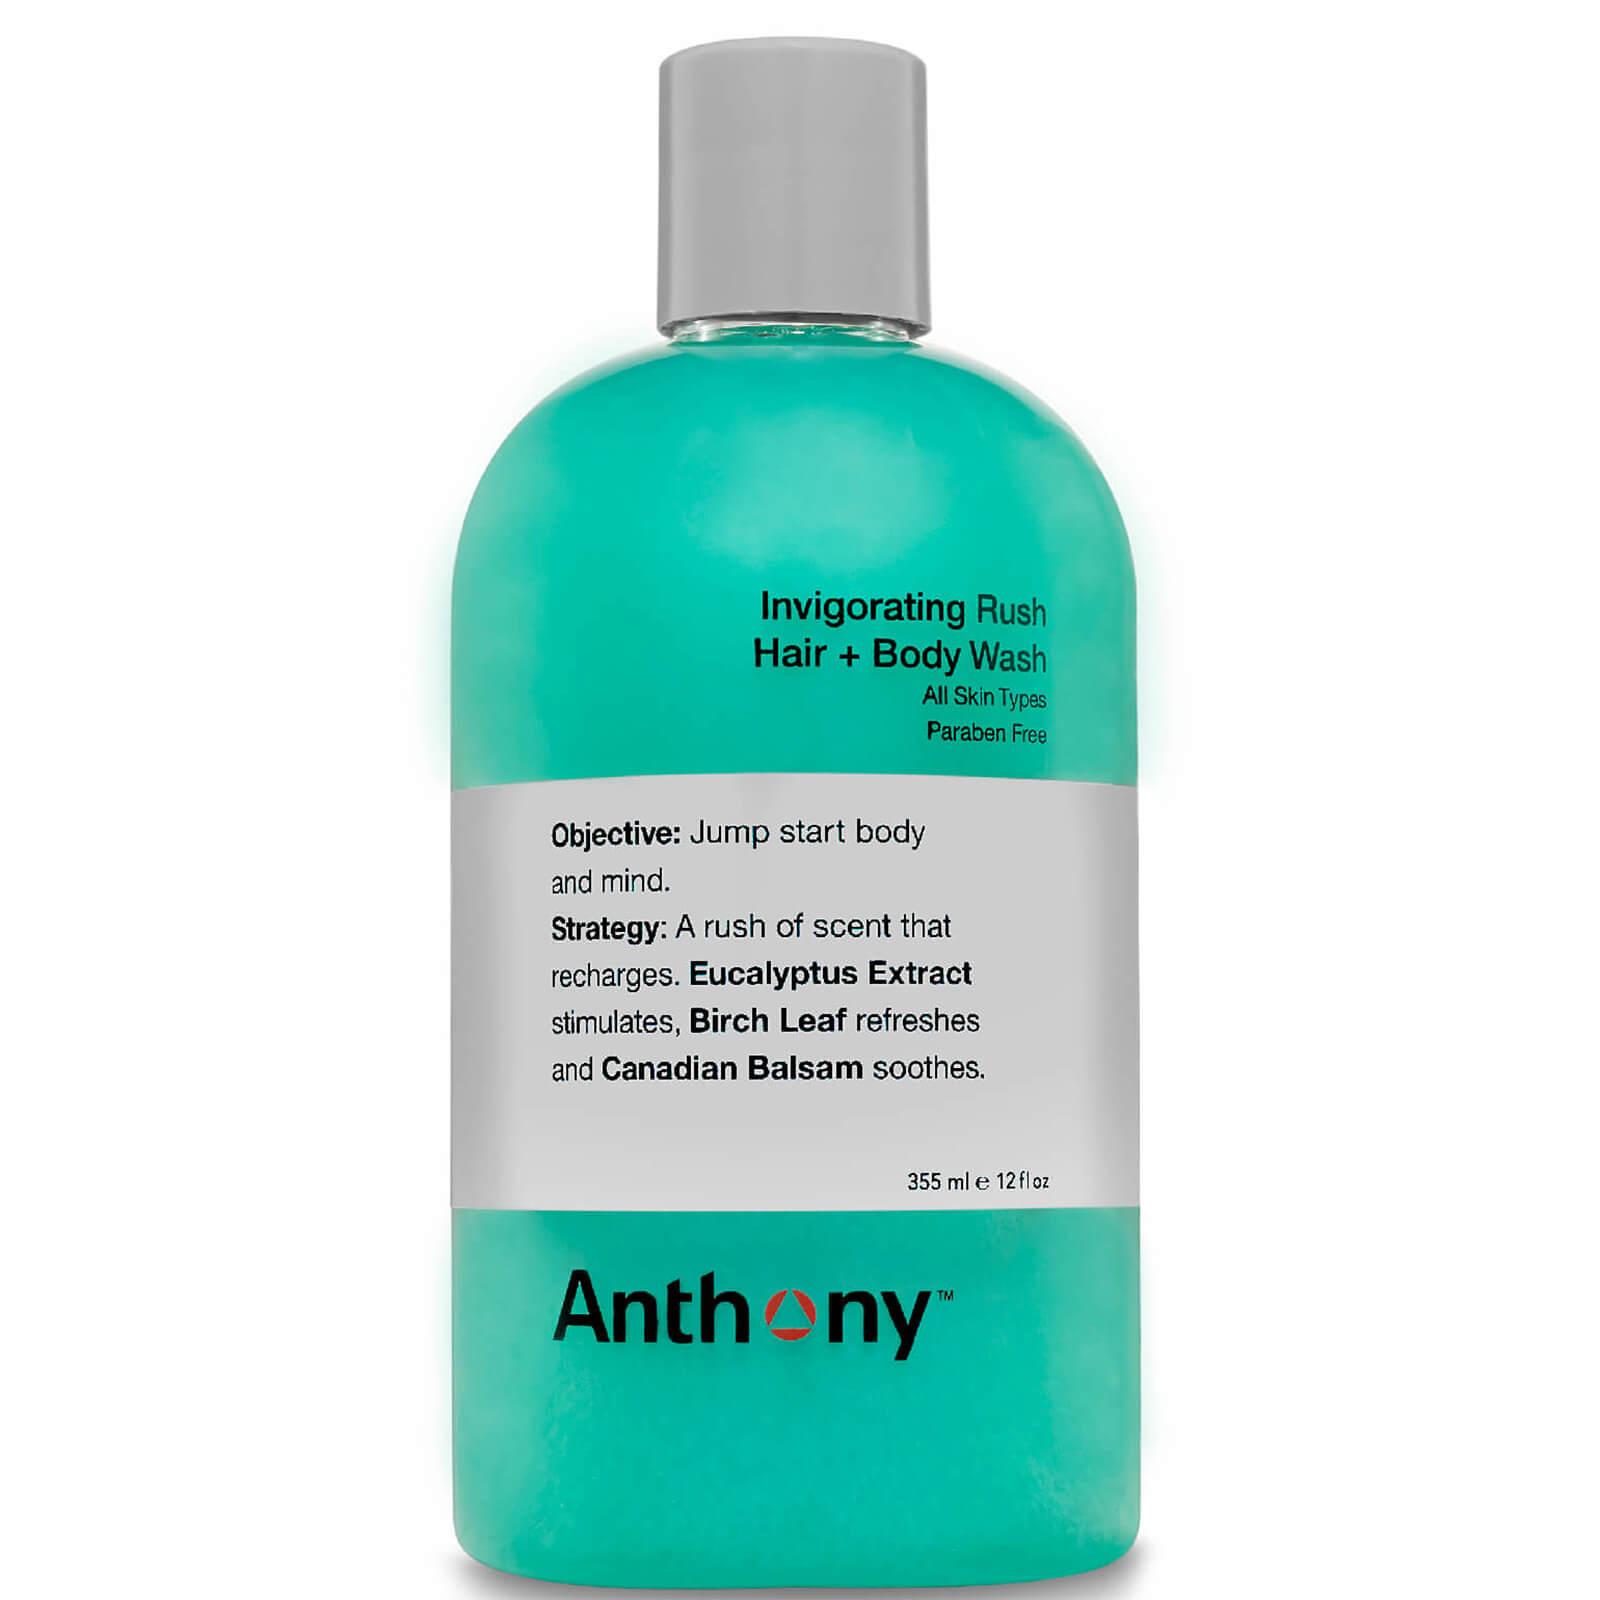 Купить Anthony Invigorating Rush Hair & Body WashТонизирующий гель для волос и тела 355мл